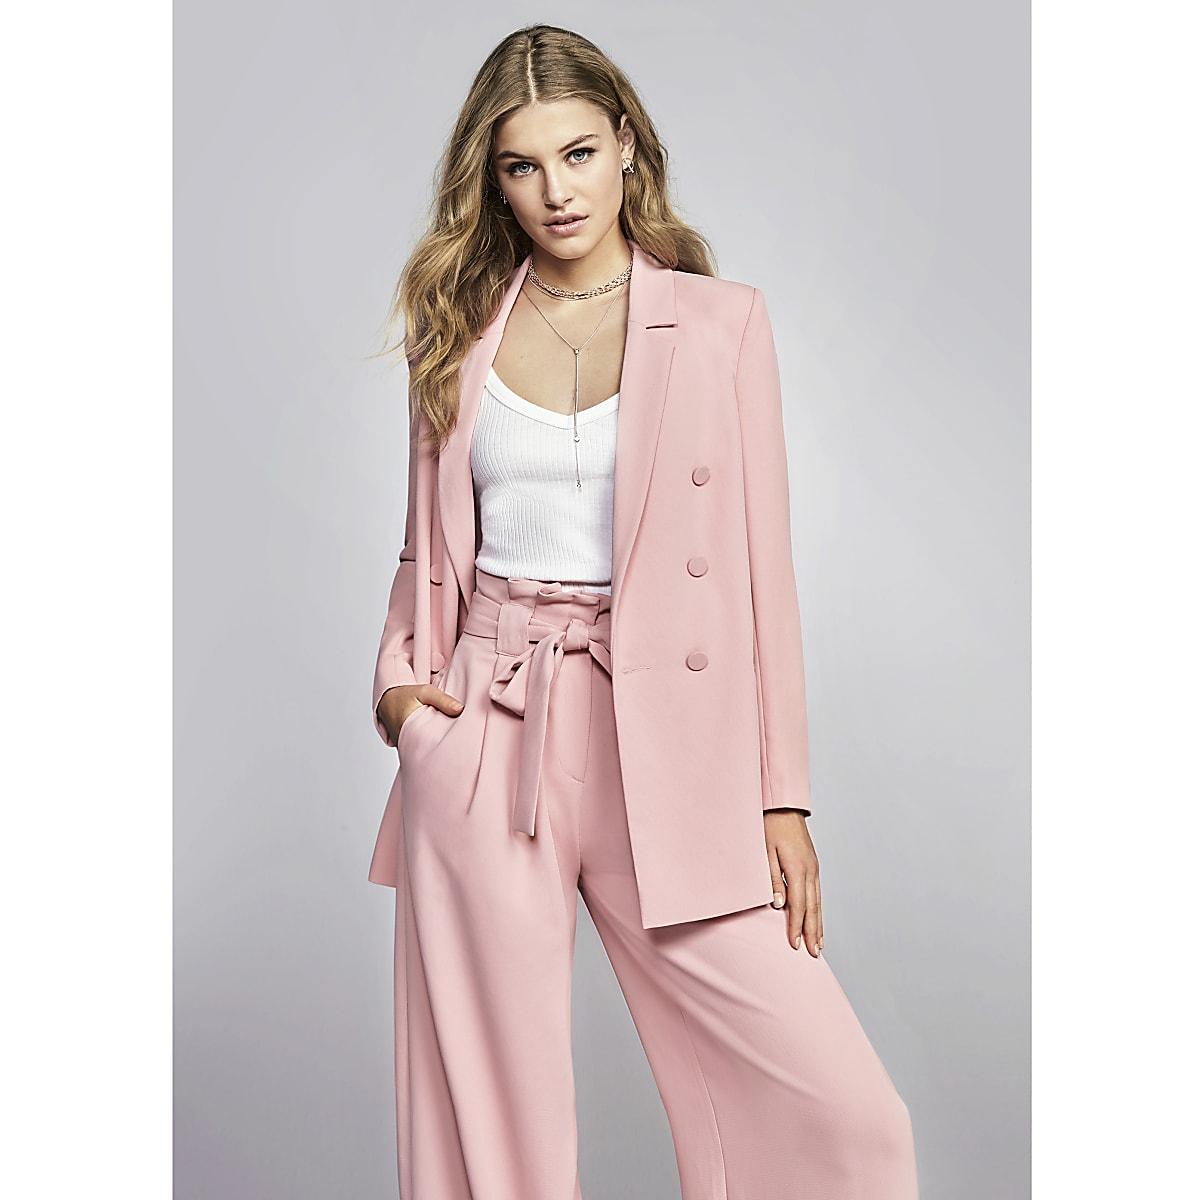 Pinke Hose mit weitem Bein und Paperbag-Taille